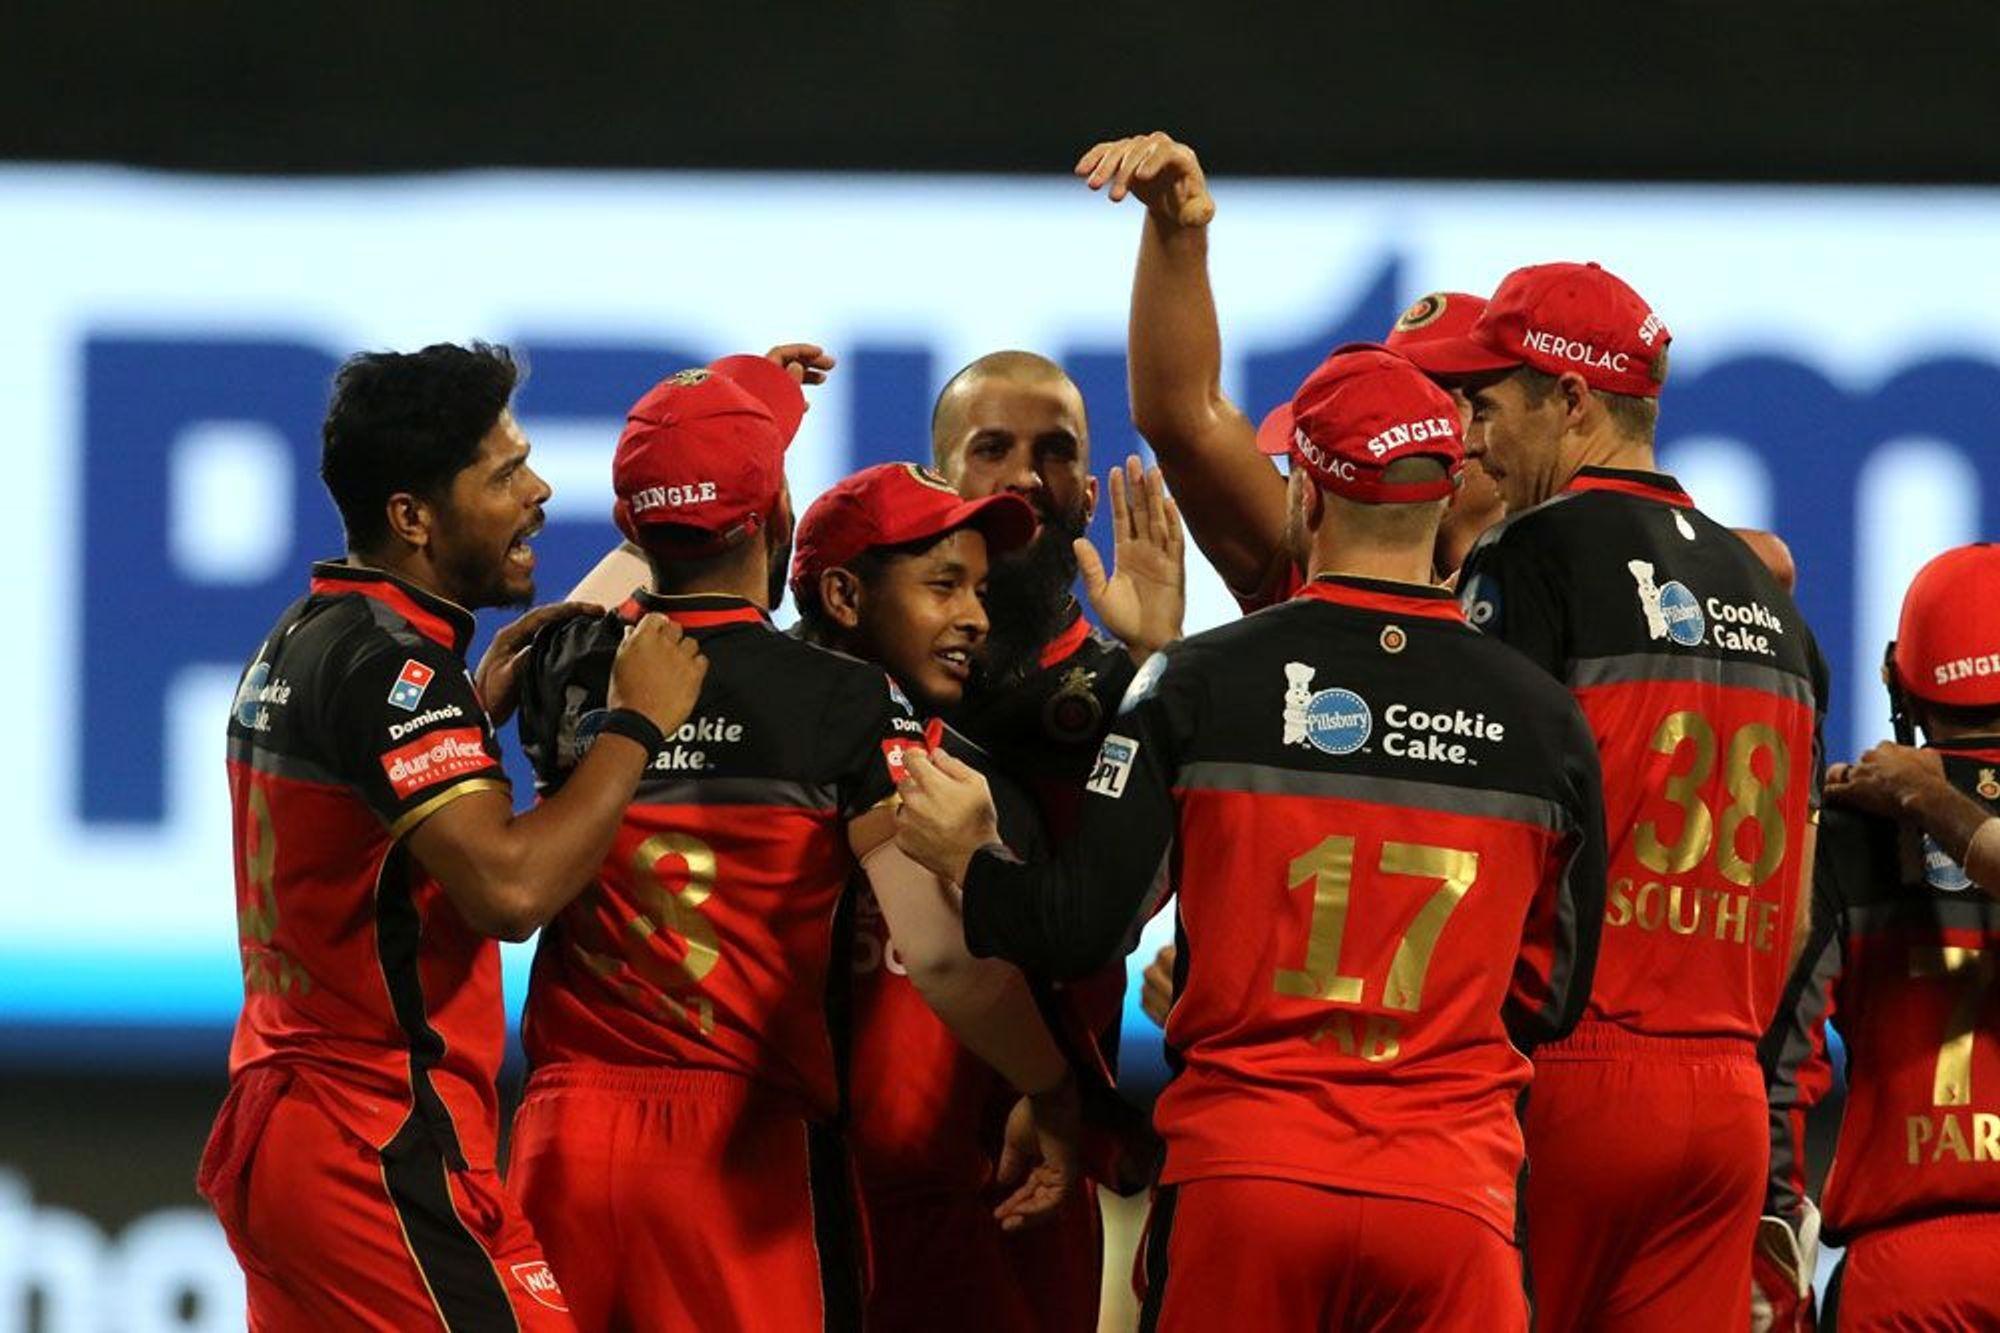 DDvsRCB: दिल्ली से मिली पिछली हार का बदला लेने के लिए मैदान पर उतरेगी विराट एंड कंपनी, दोनों टीमों के यह 11 खिलाड़ी बना सकते हैं अंतिम एकदाश में अपना स्थान 4